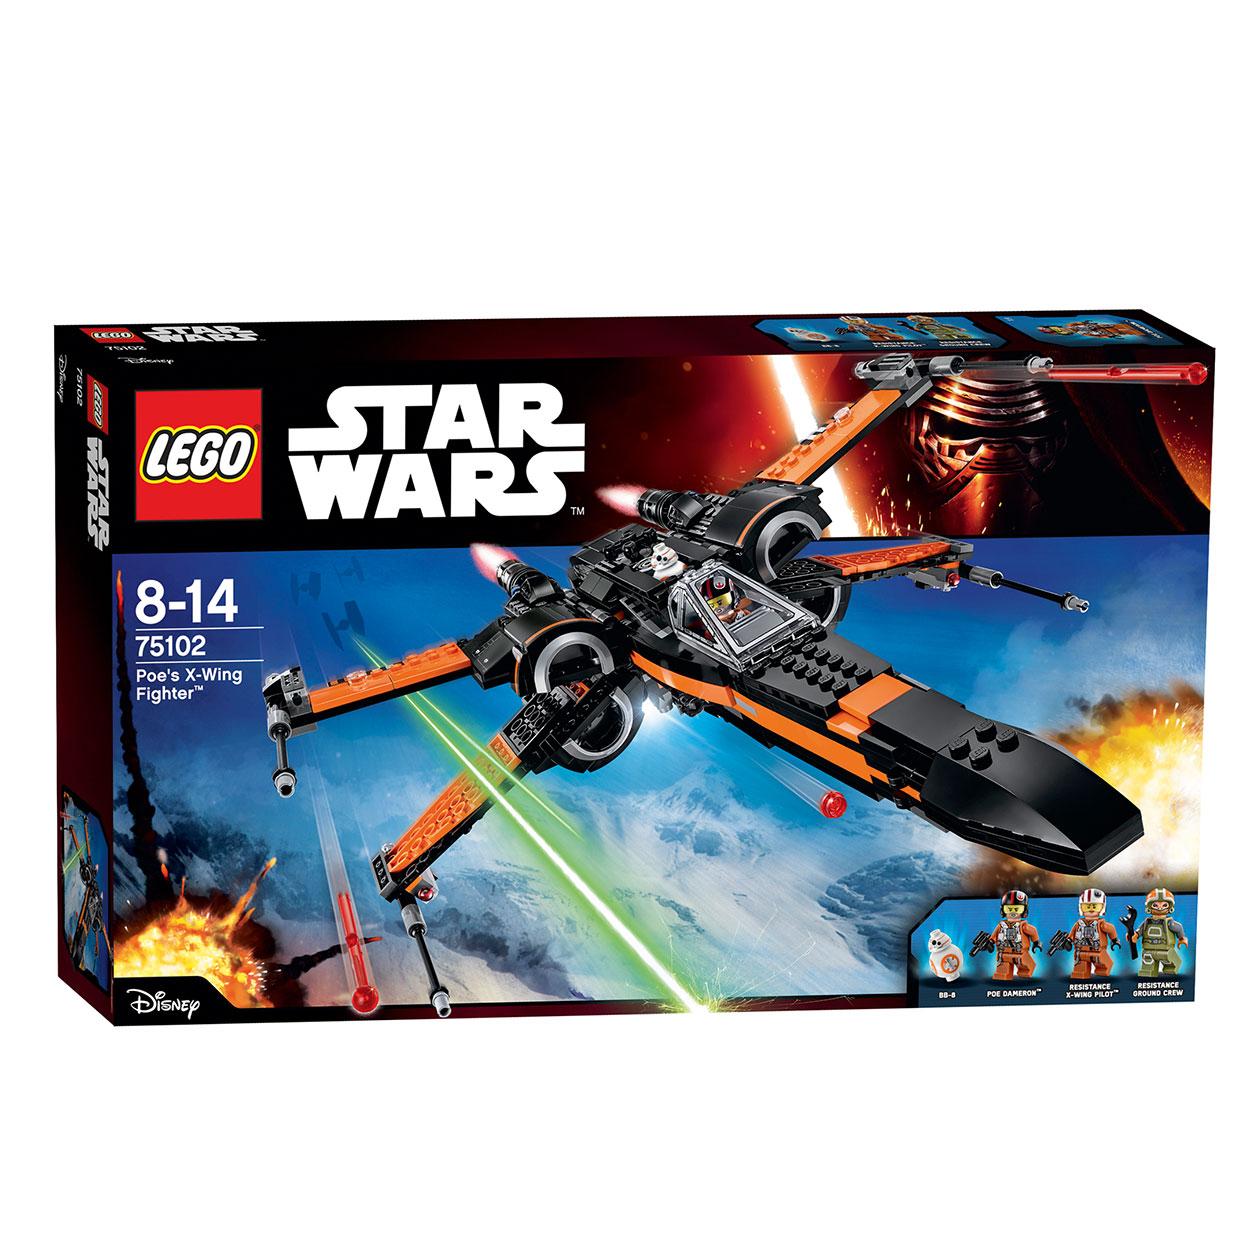 Poe S X Wing In Midi Scale: Lego Star Wars 75102 Poe's X-Wing Fighter Online Kopen